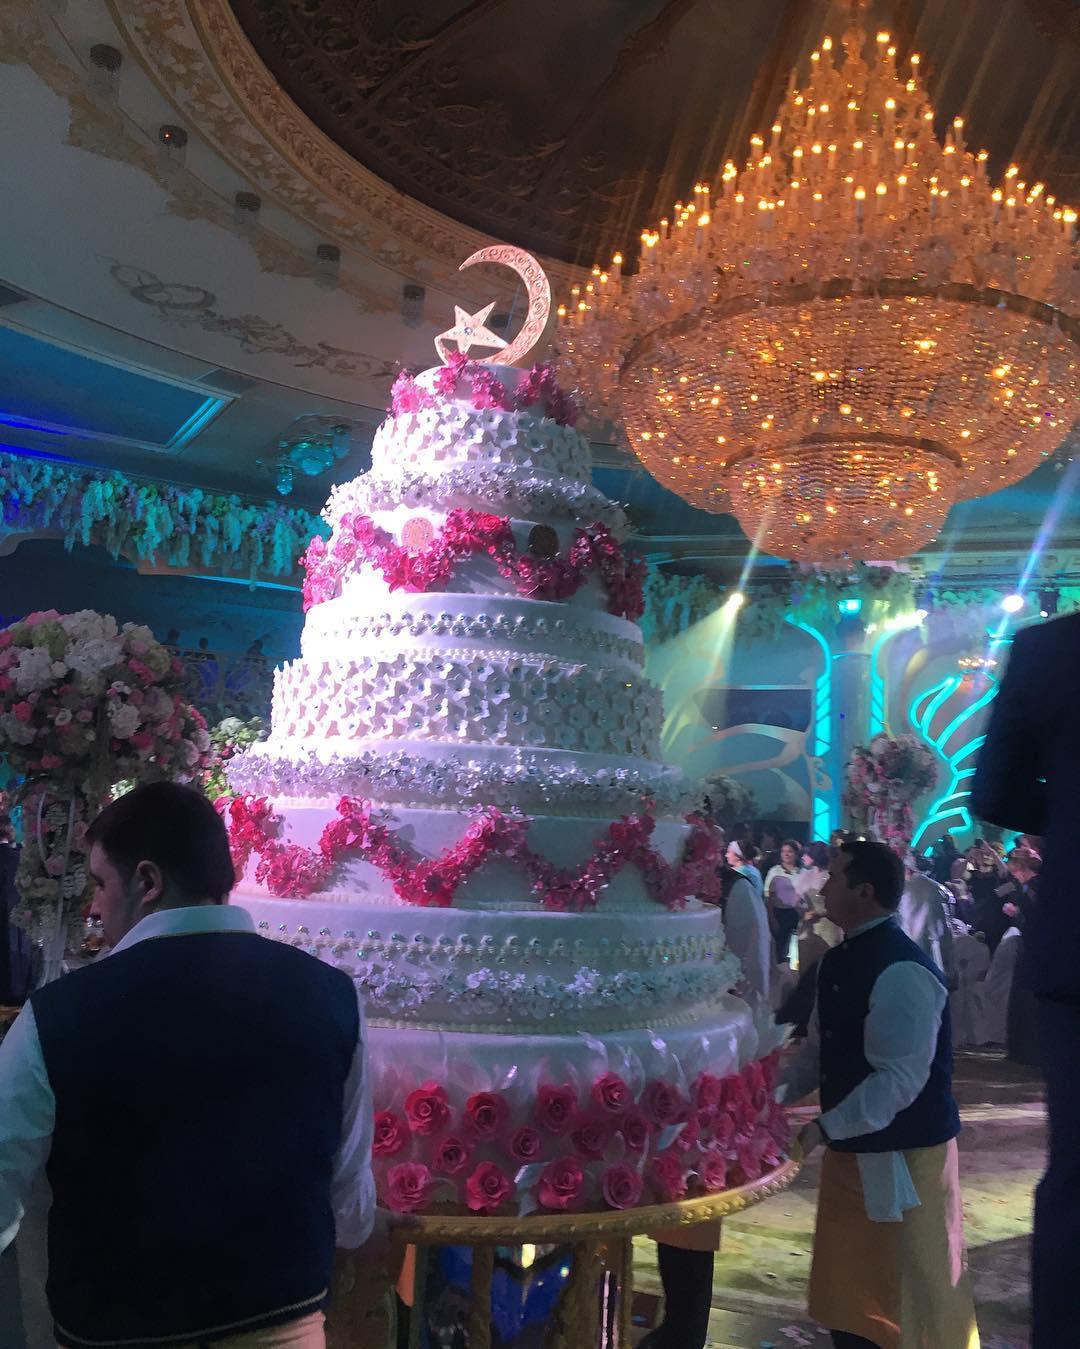 читать больше фото со свадьбы гуцериева звезда производит настоящий